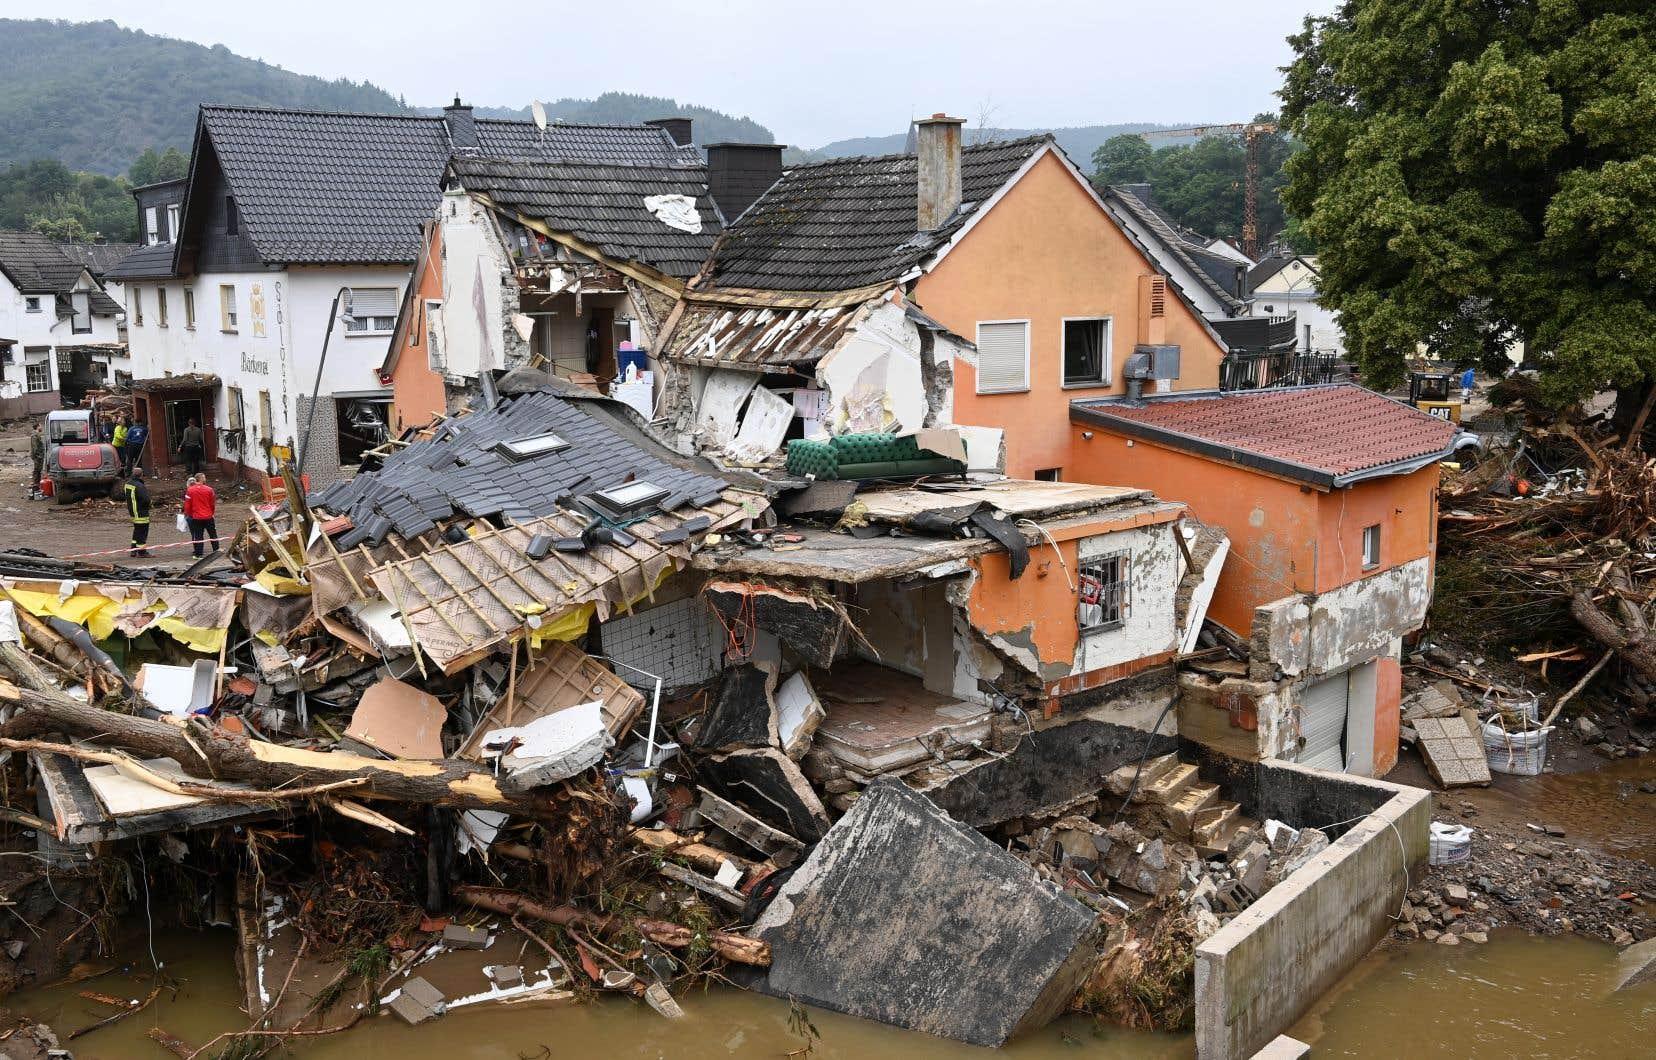 Les inondations meurtrières qui ont frappé le sud-ouest de l'Allemagne sont entrées brutalement dans la campagne électorale.